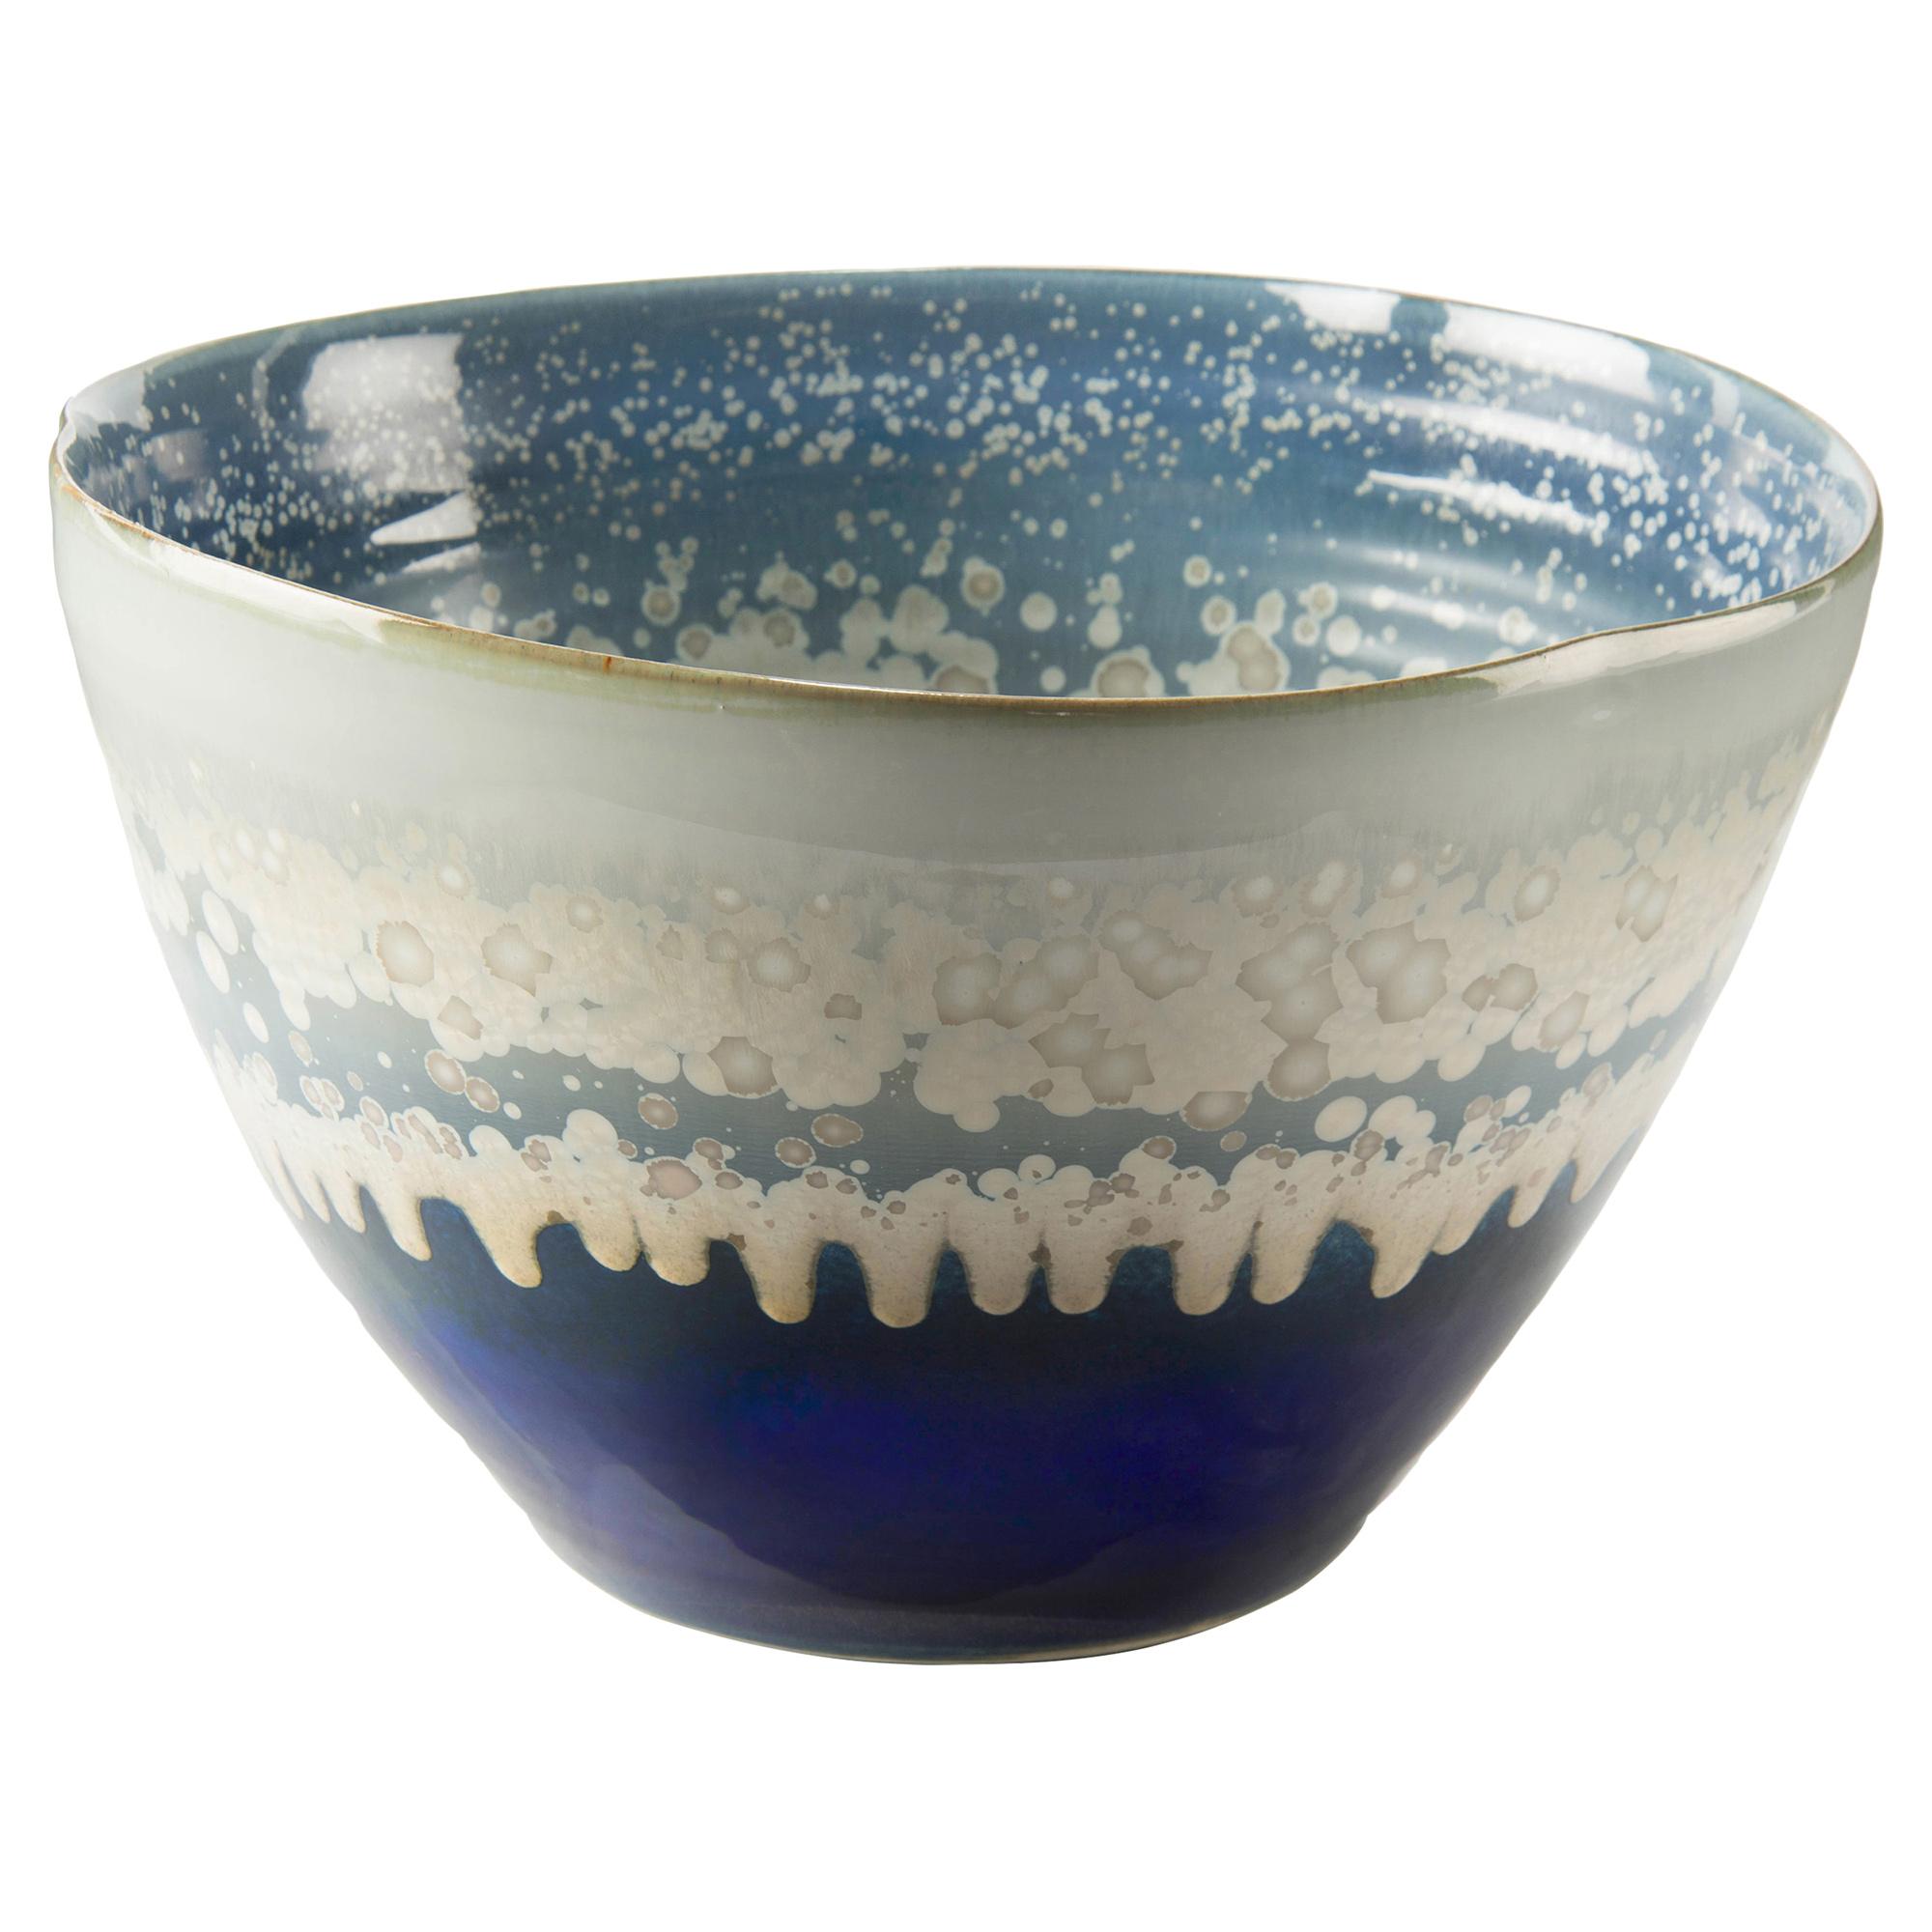 Blue Cream Reactive Glaze Deep Ceramic Bowl